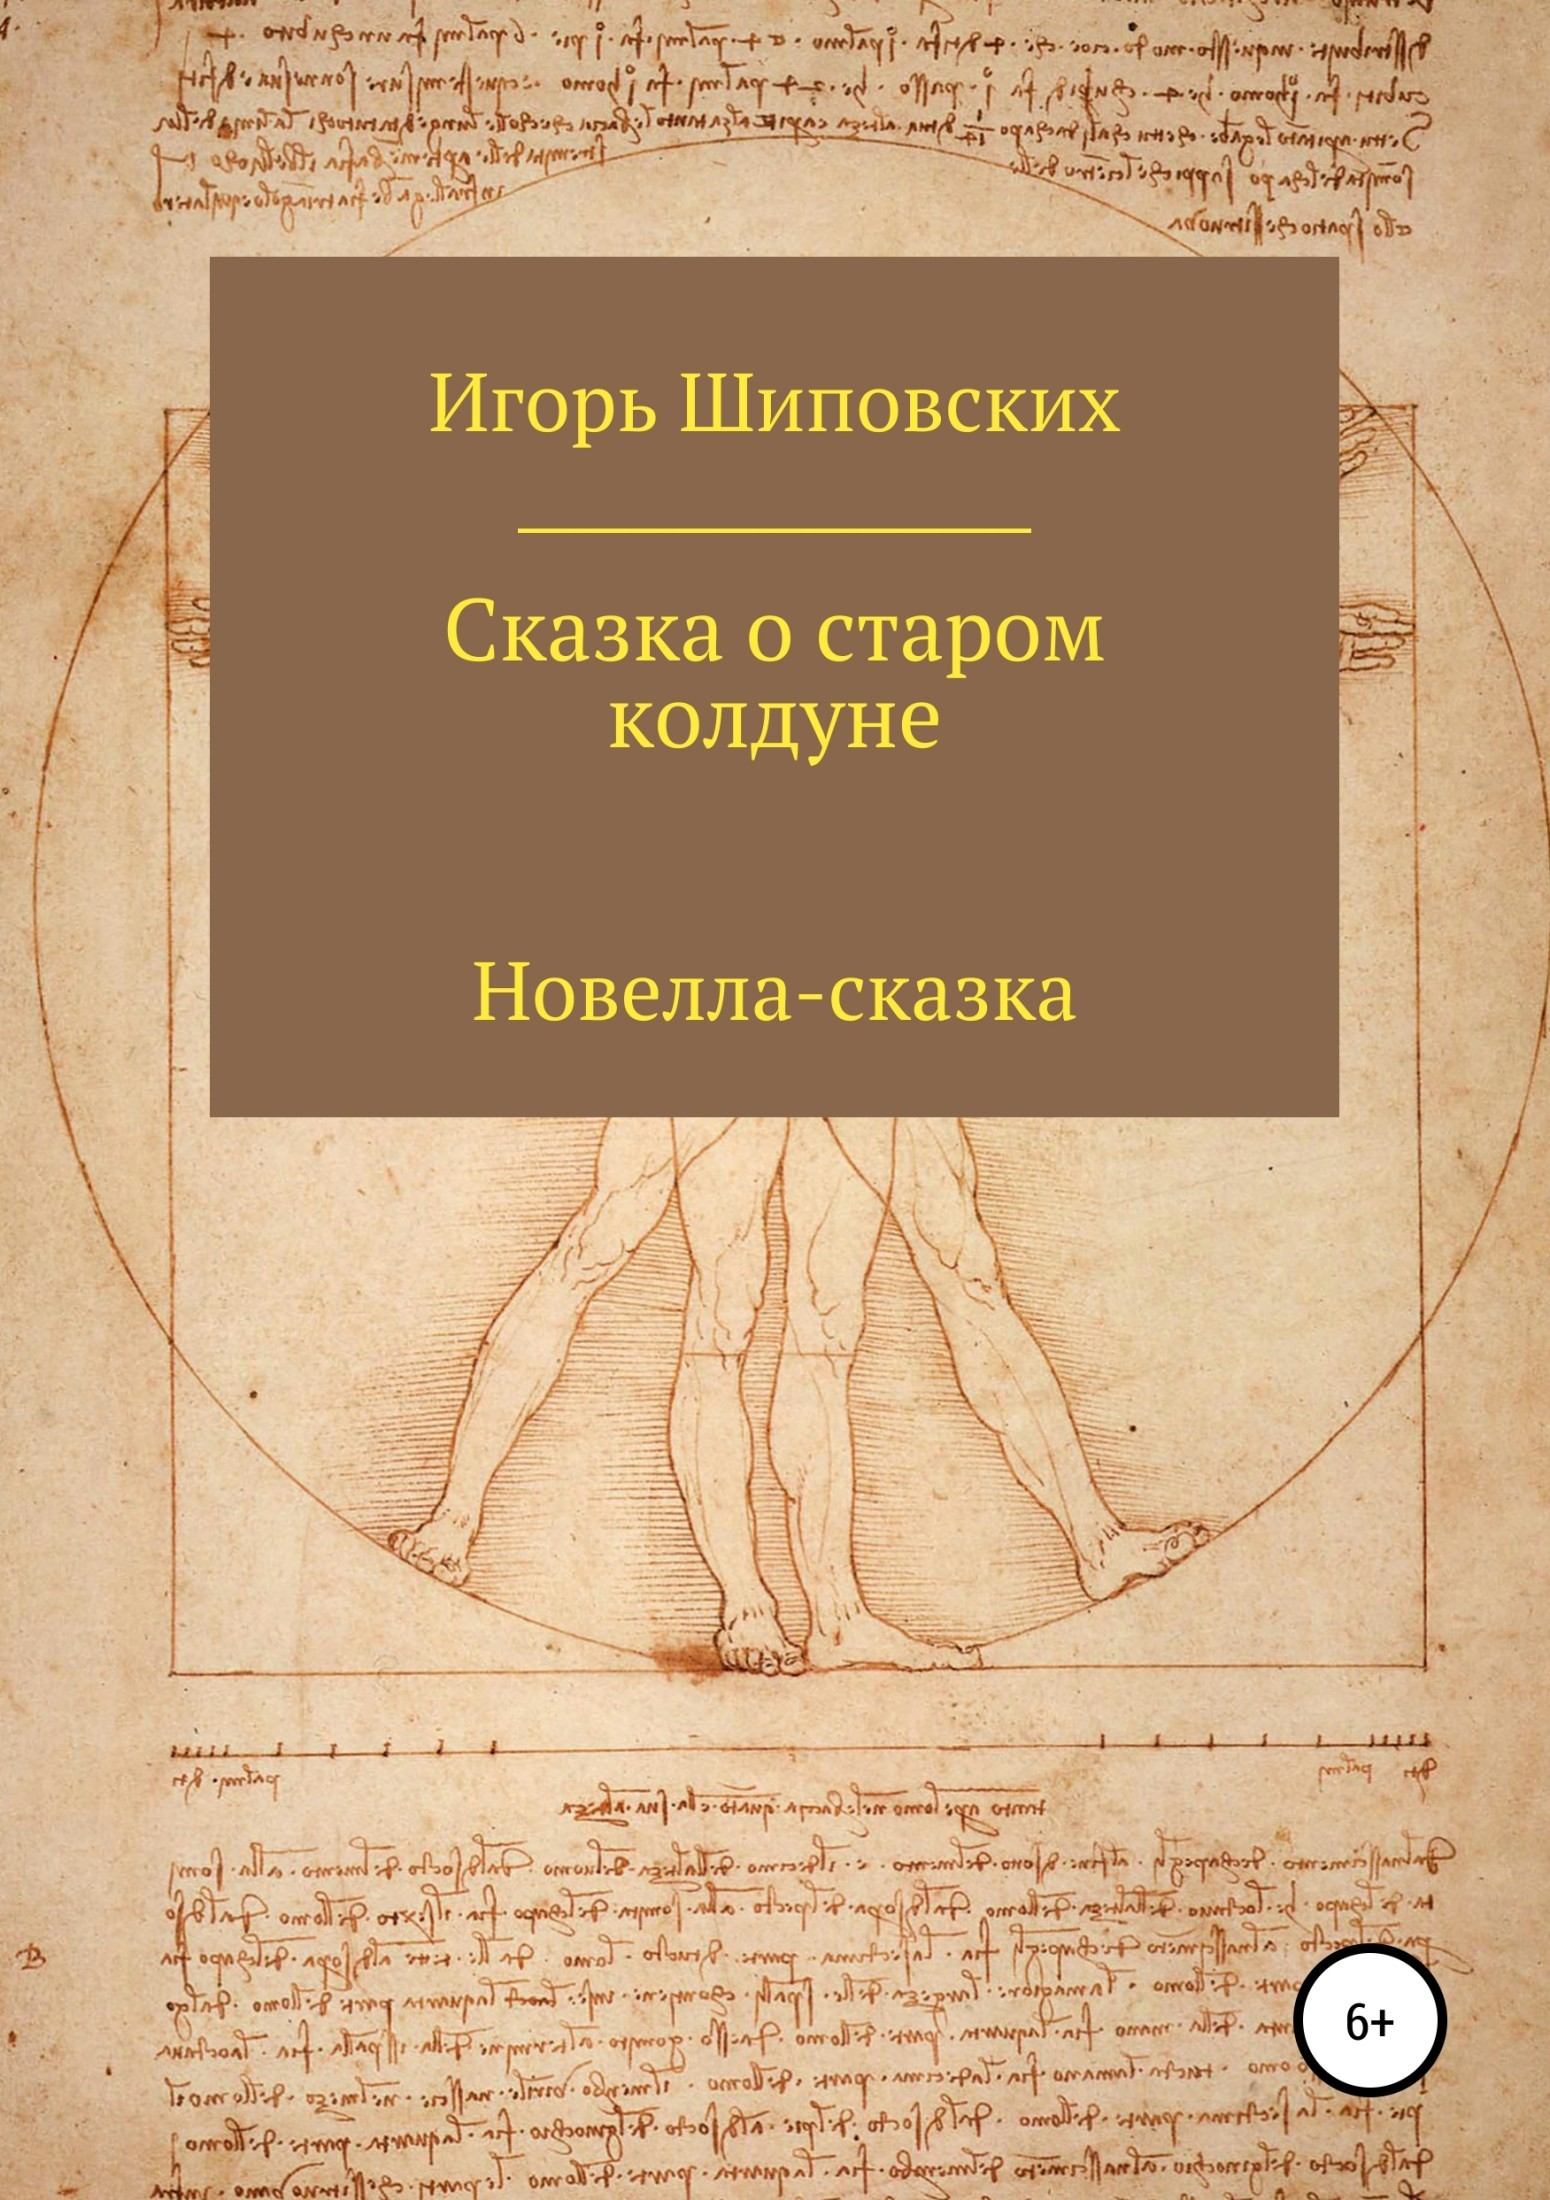 Игорь Шиповских - Сказка о старом колдуне